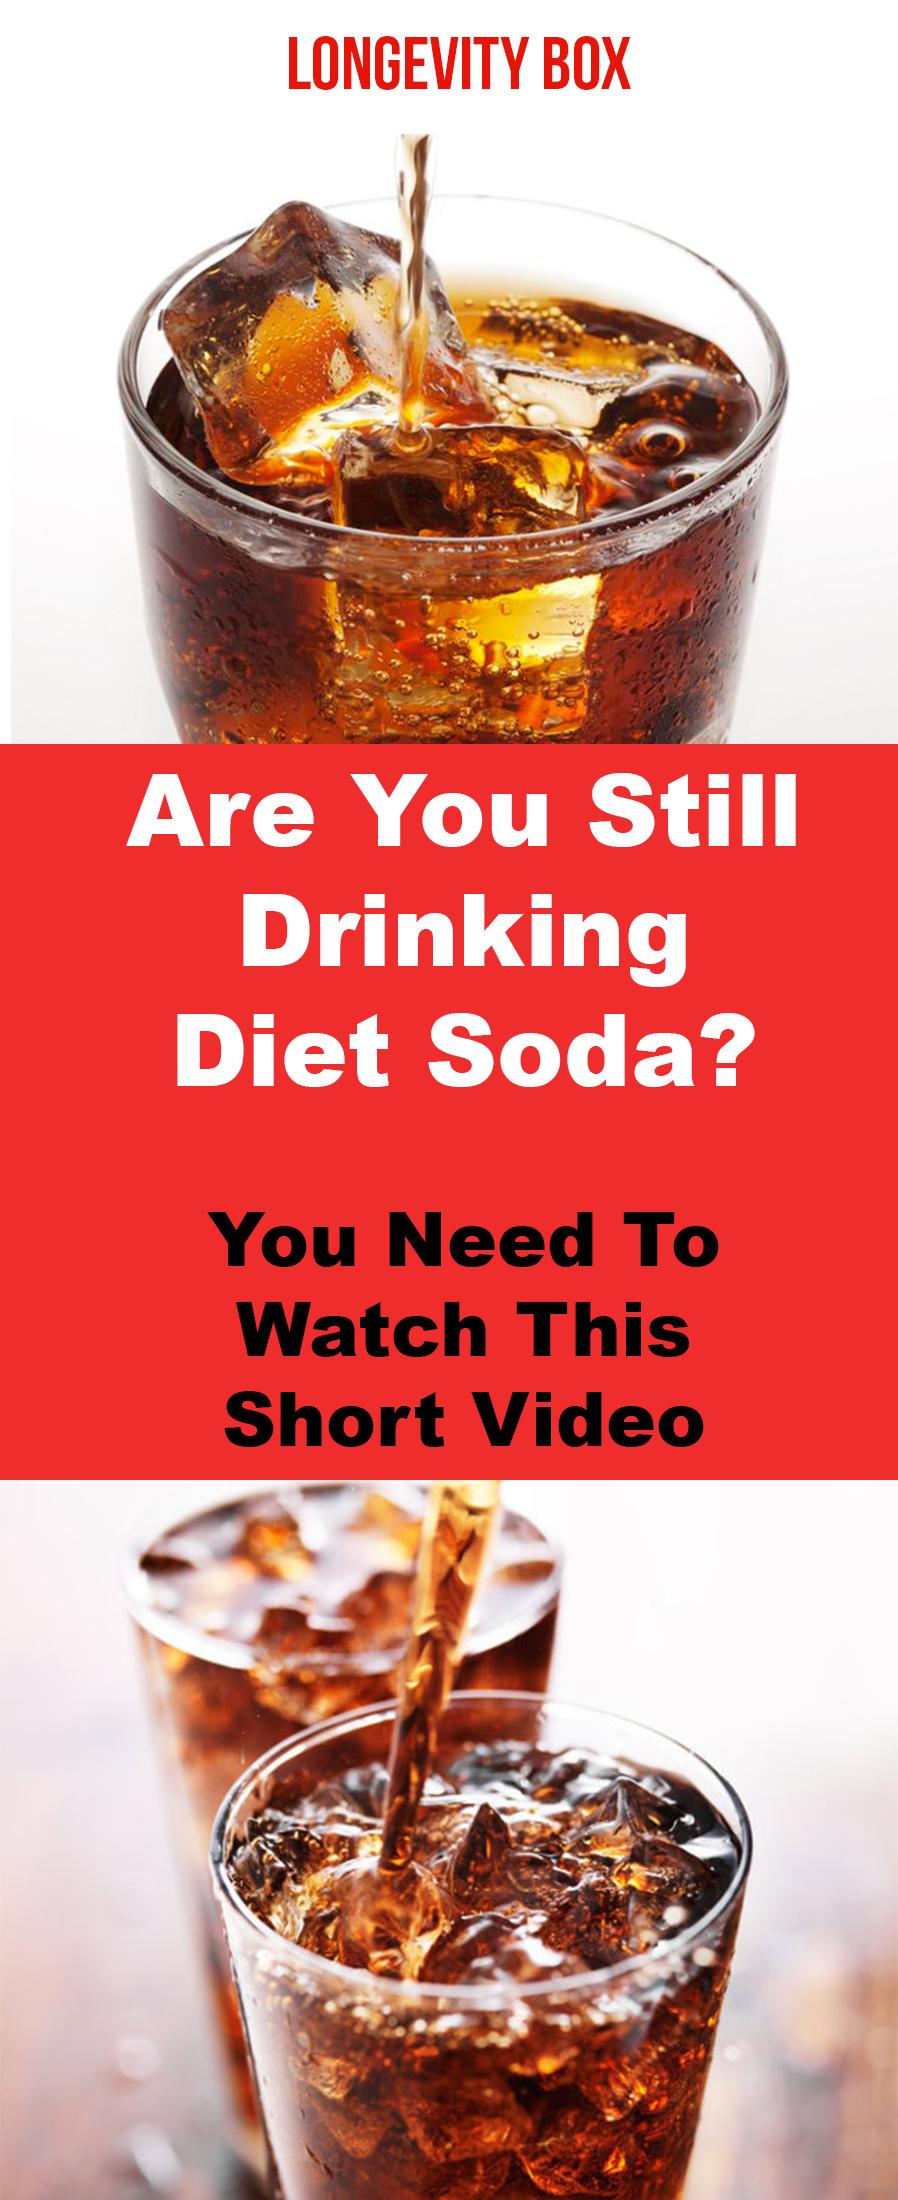 diet soda drinking still longevitybox need short